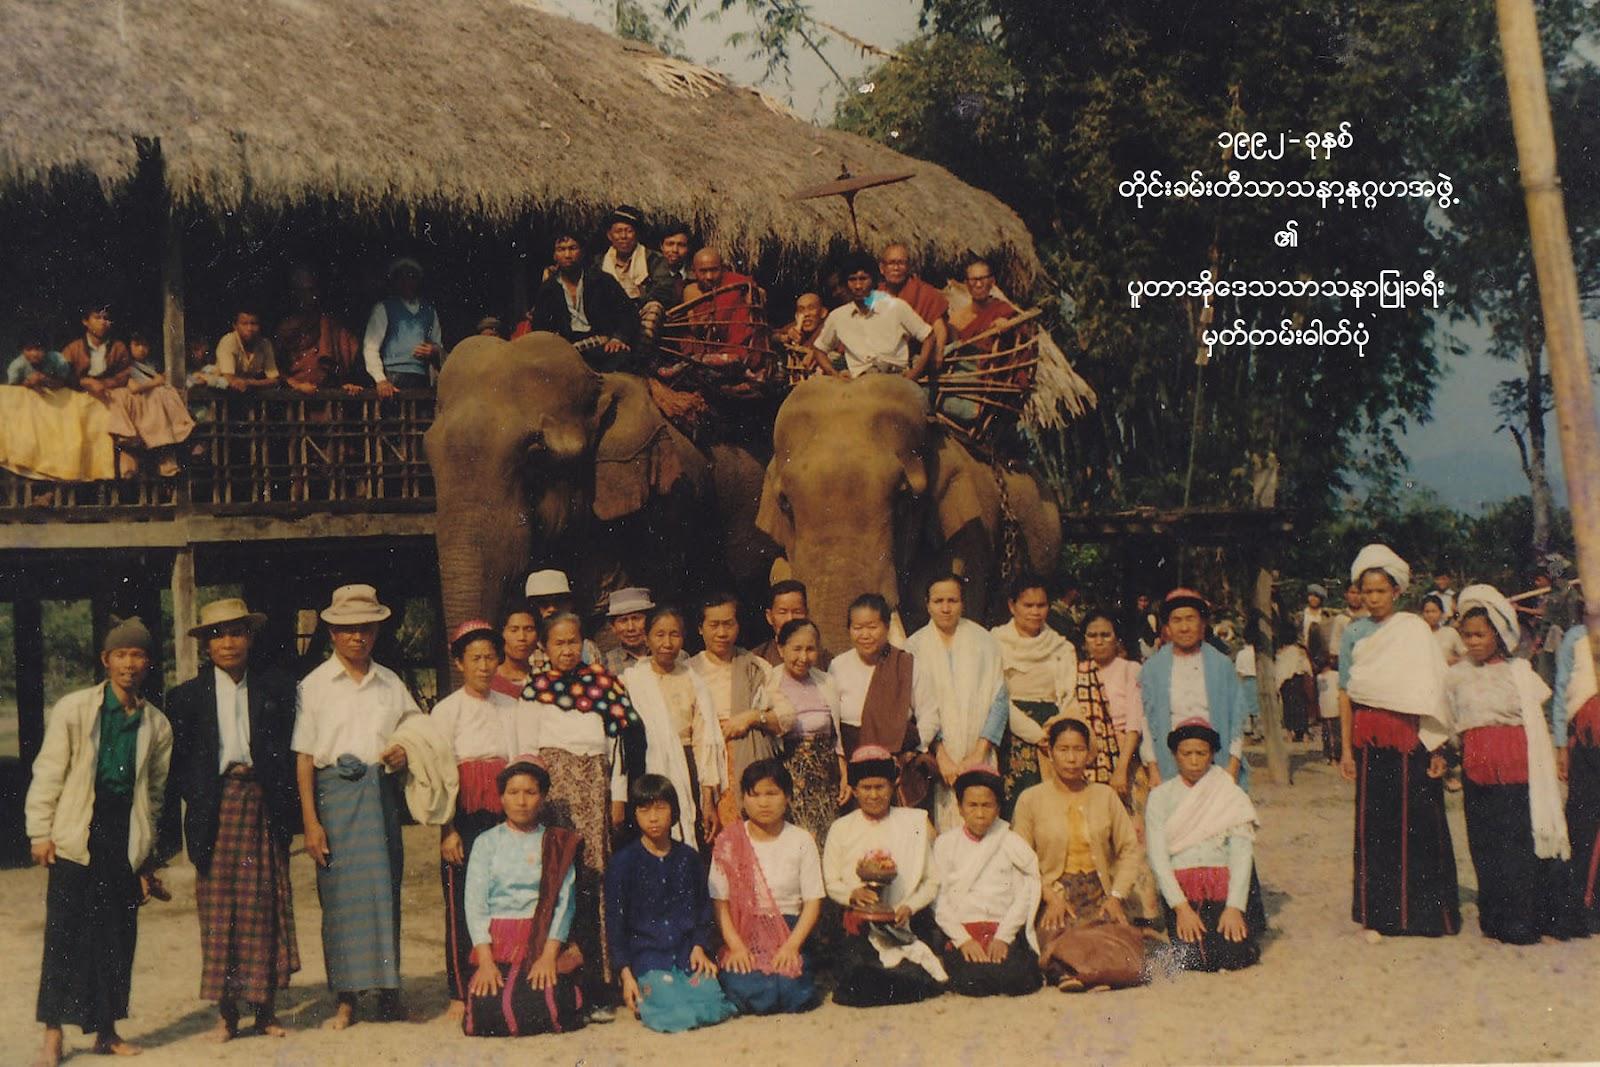 Khamti people